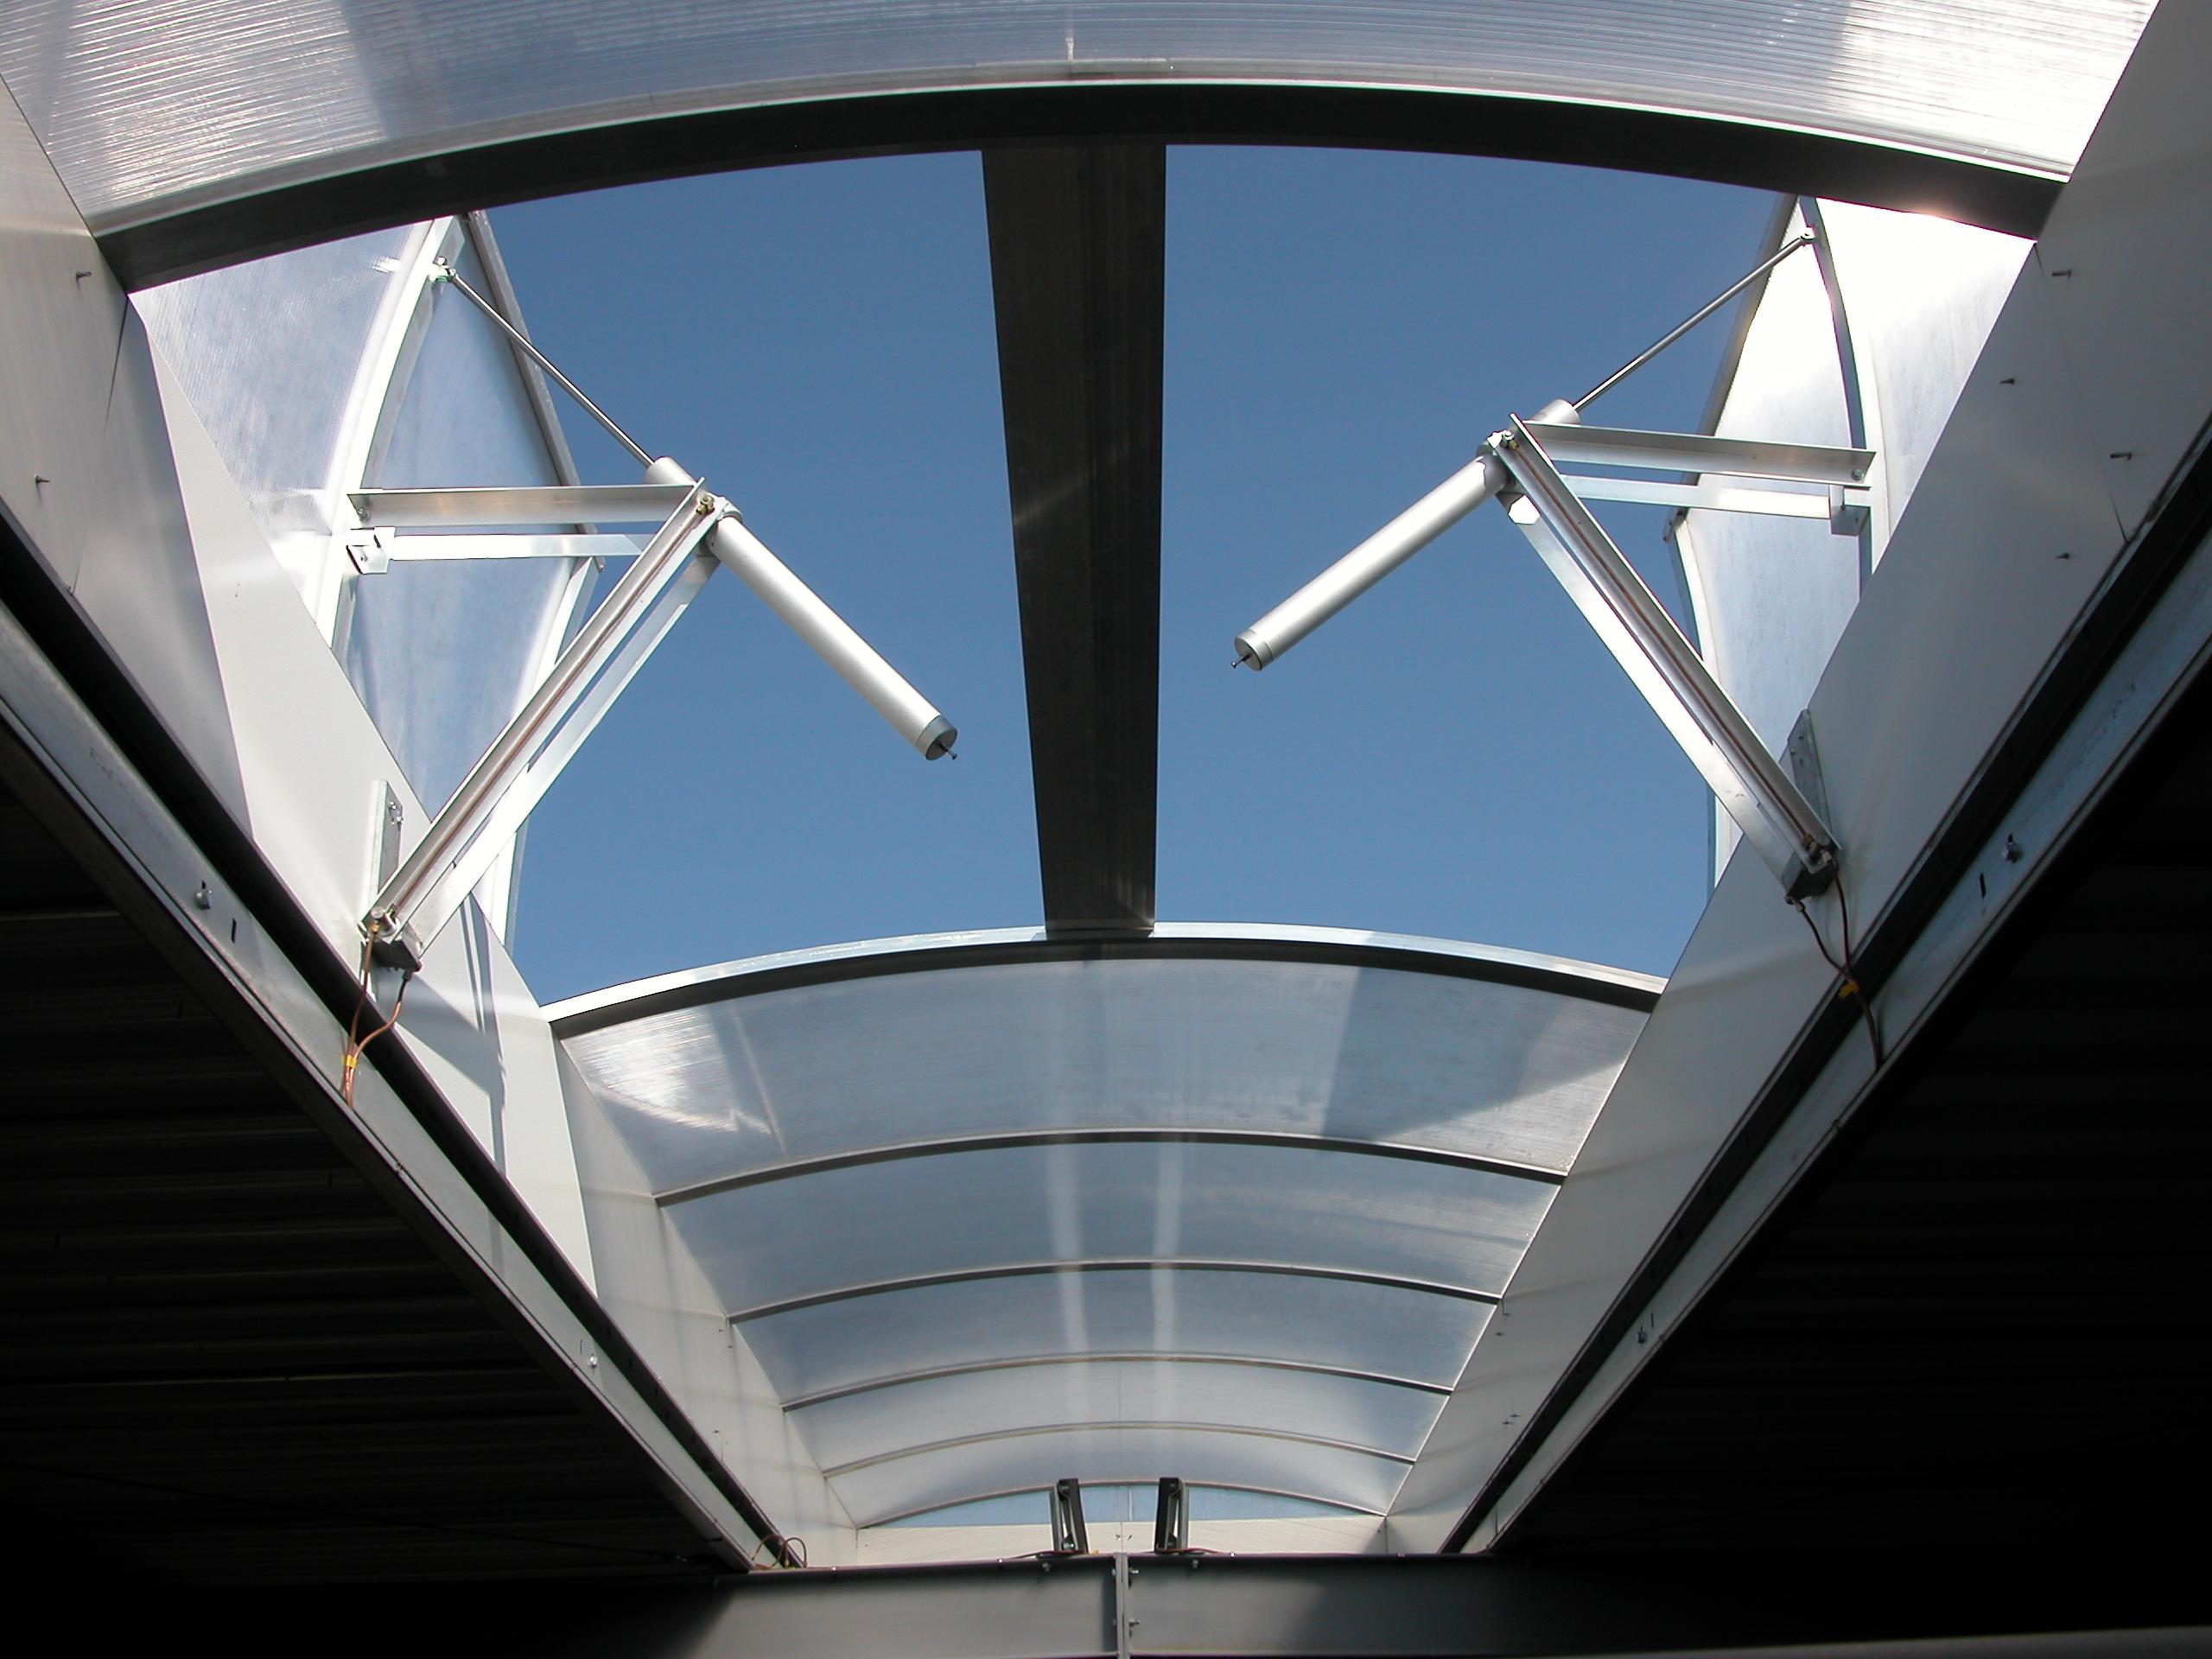 Couverture Bac Acier : Eclairage zénithal en toiture et lanterneaux pour